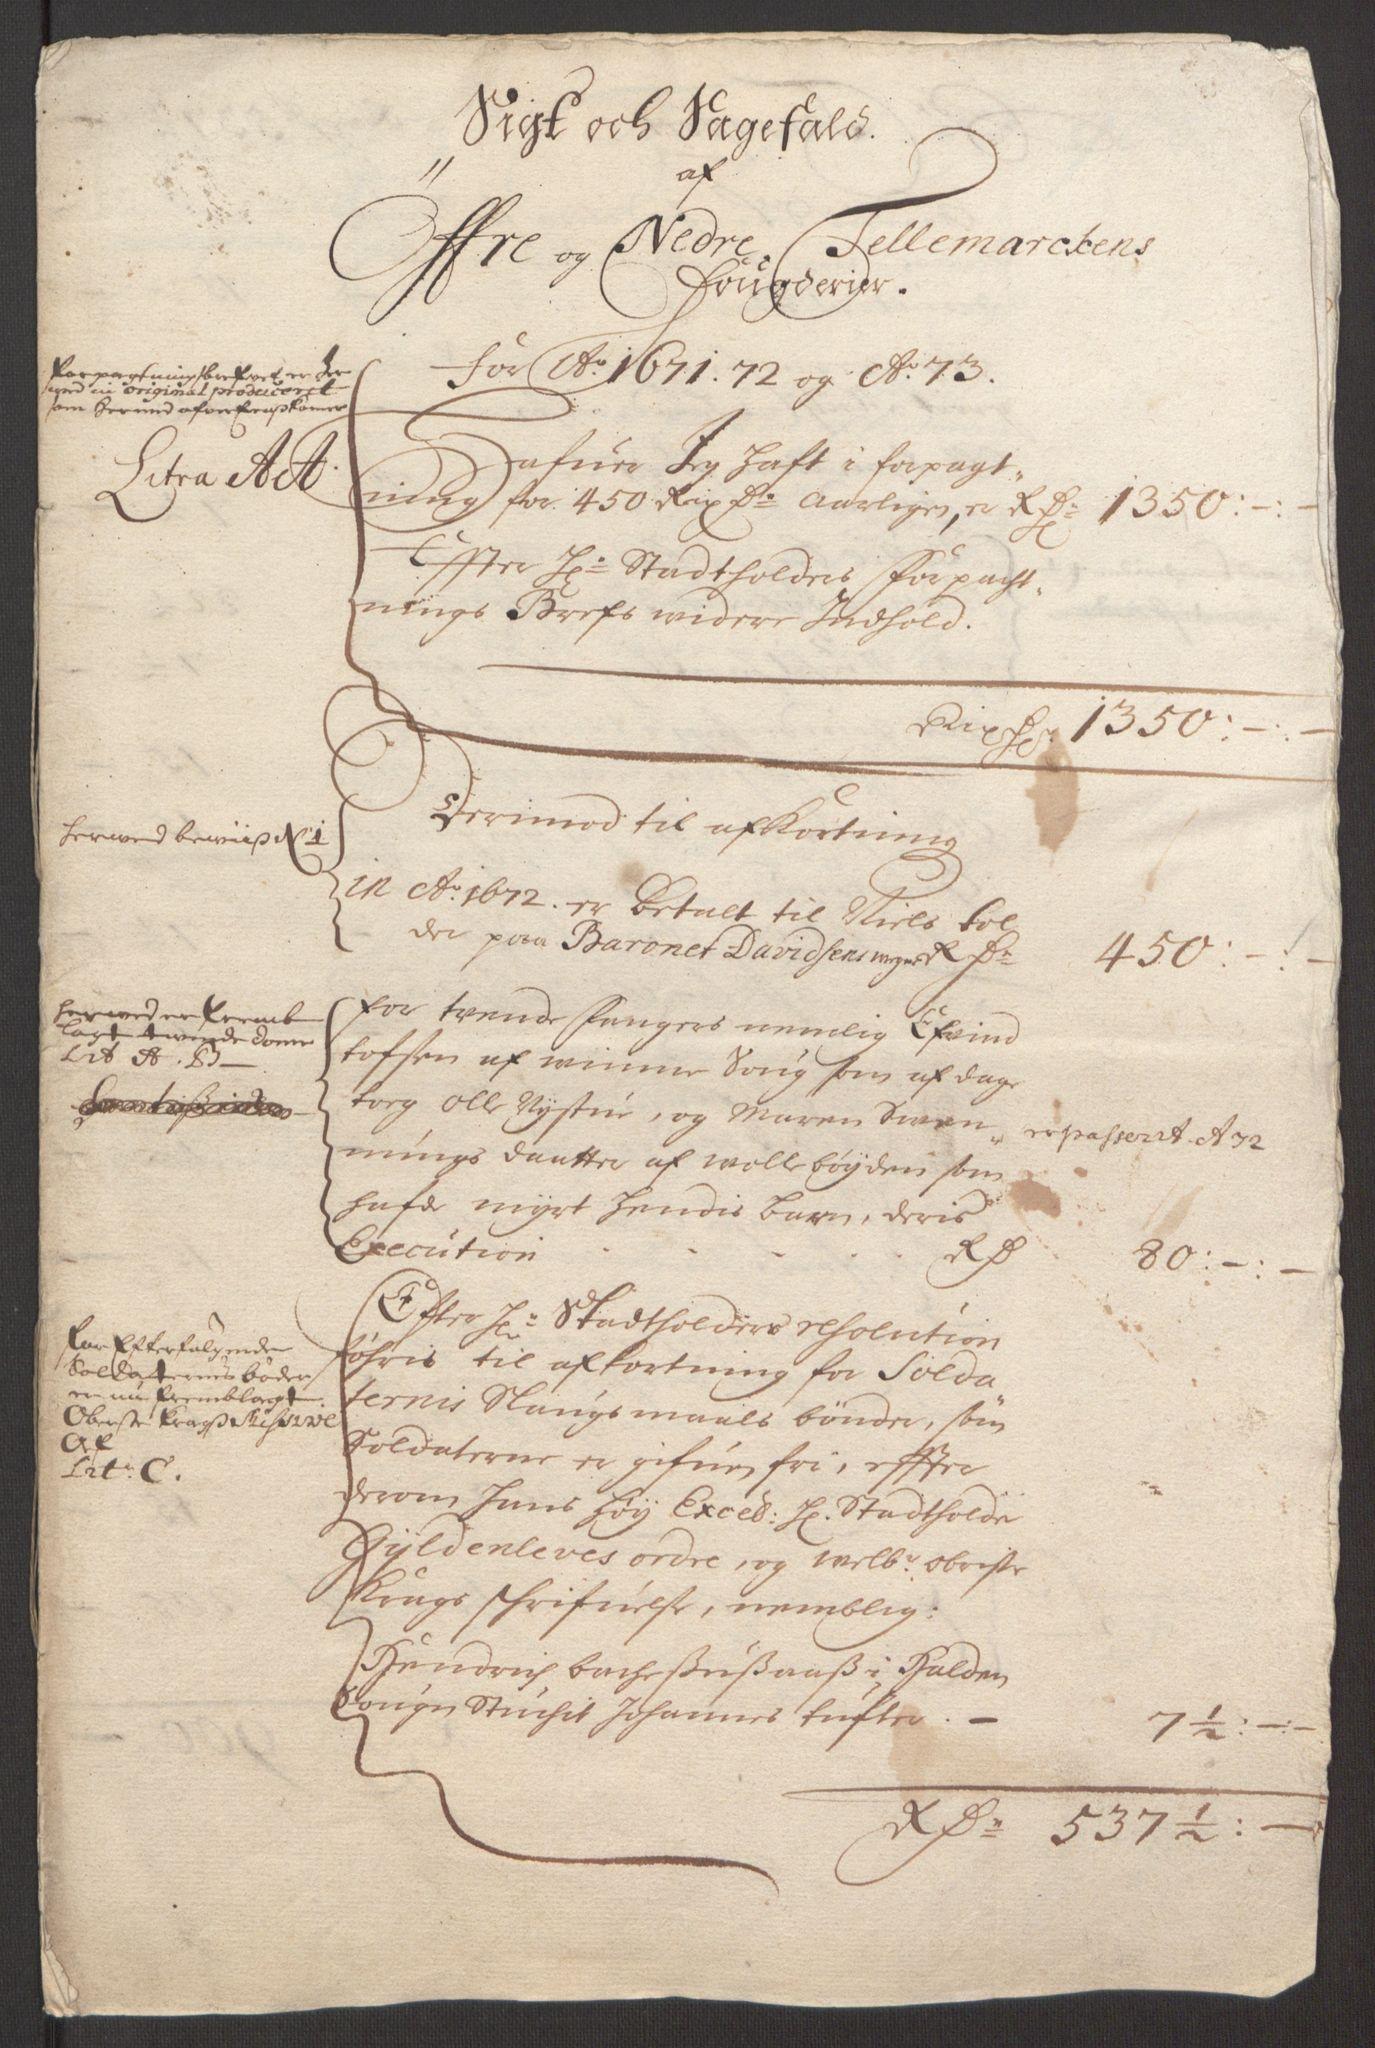 RA, Rentekammeret inntil 1814, Reviderte regnskaper, Fogderegnskap, R35/L2061: Fogderegnskap Øvre og Nedre Telemark, 1673-1674, s. 210